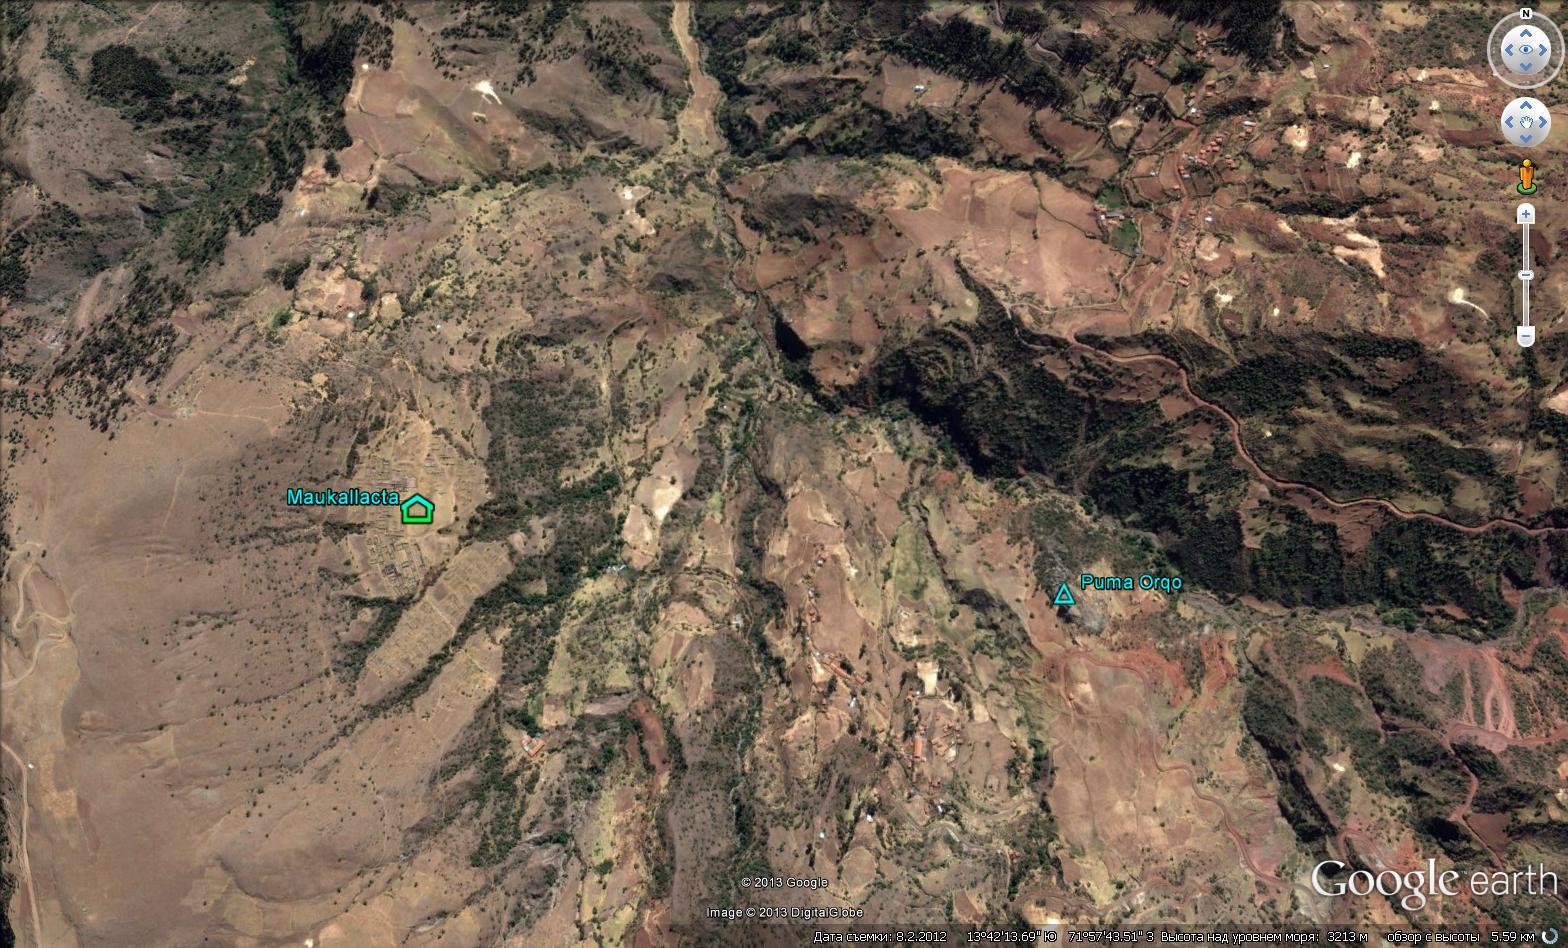 Месторасположение поселения Маукаллакта и скала Пума Орго